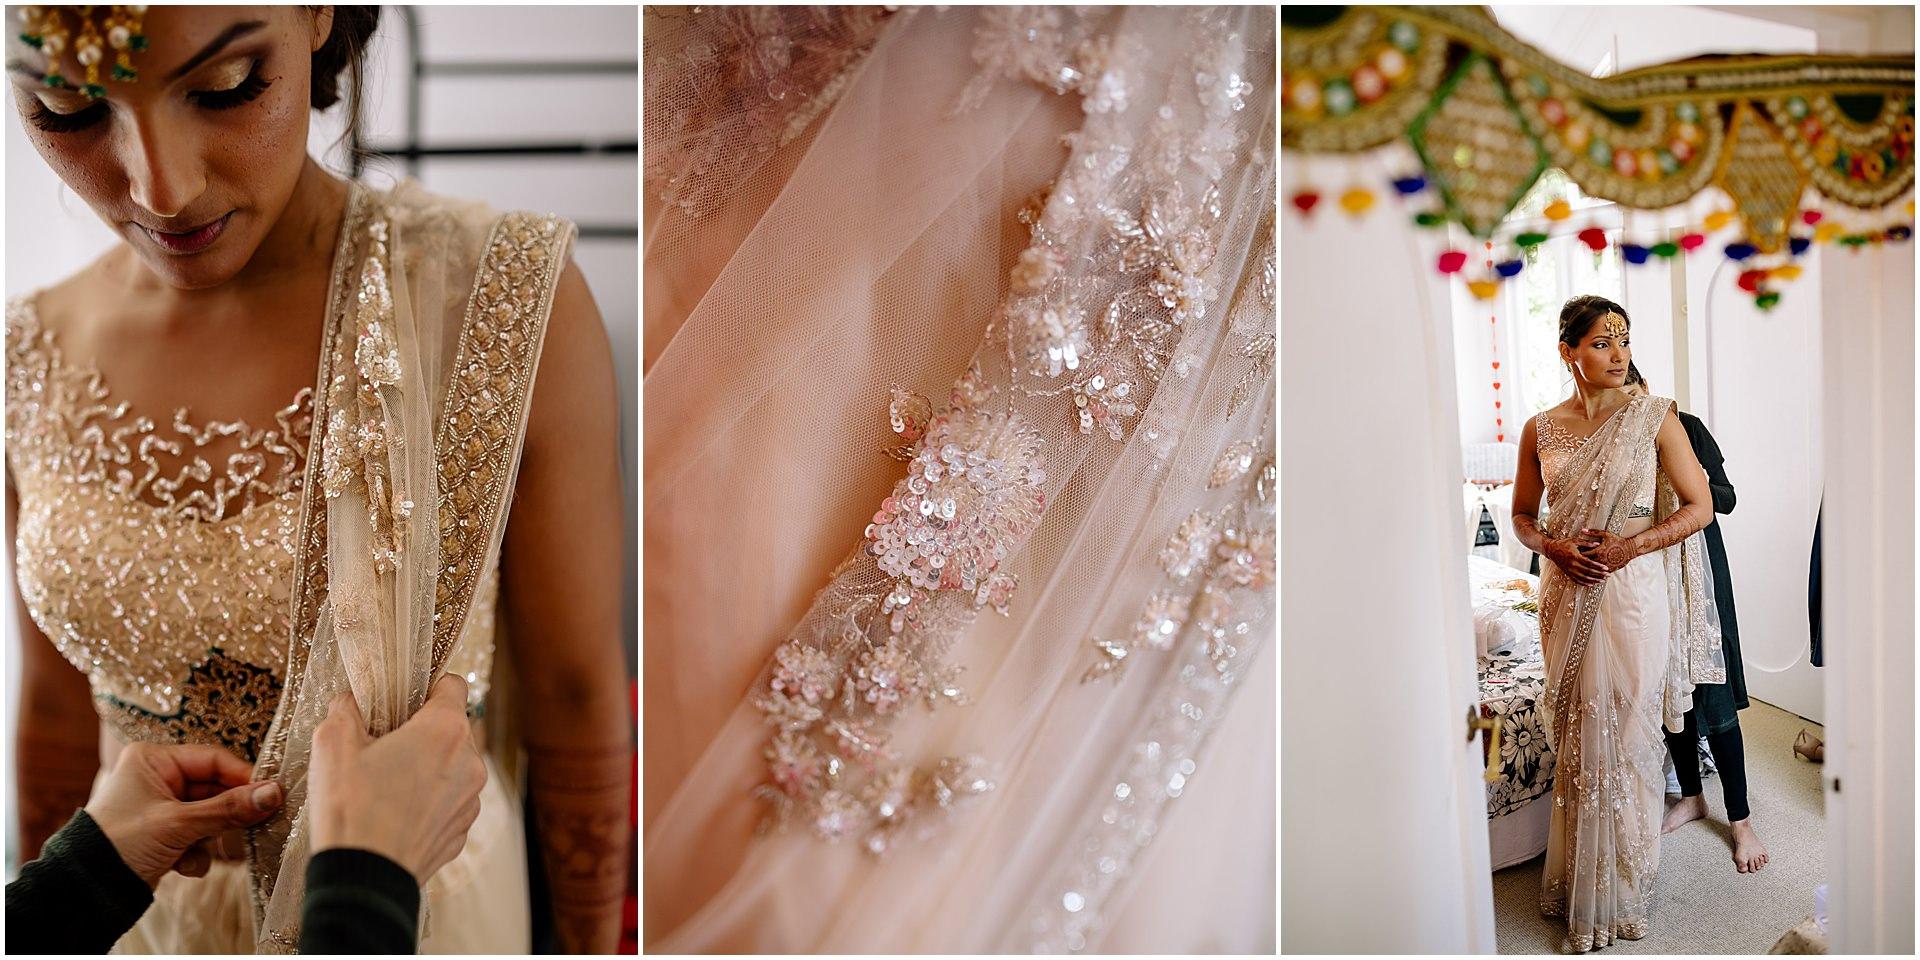 Bride in white wedding saree